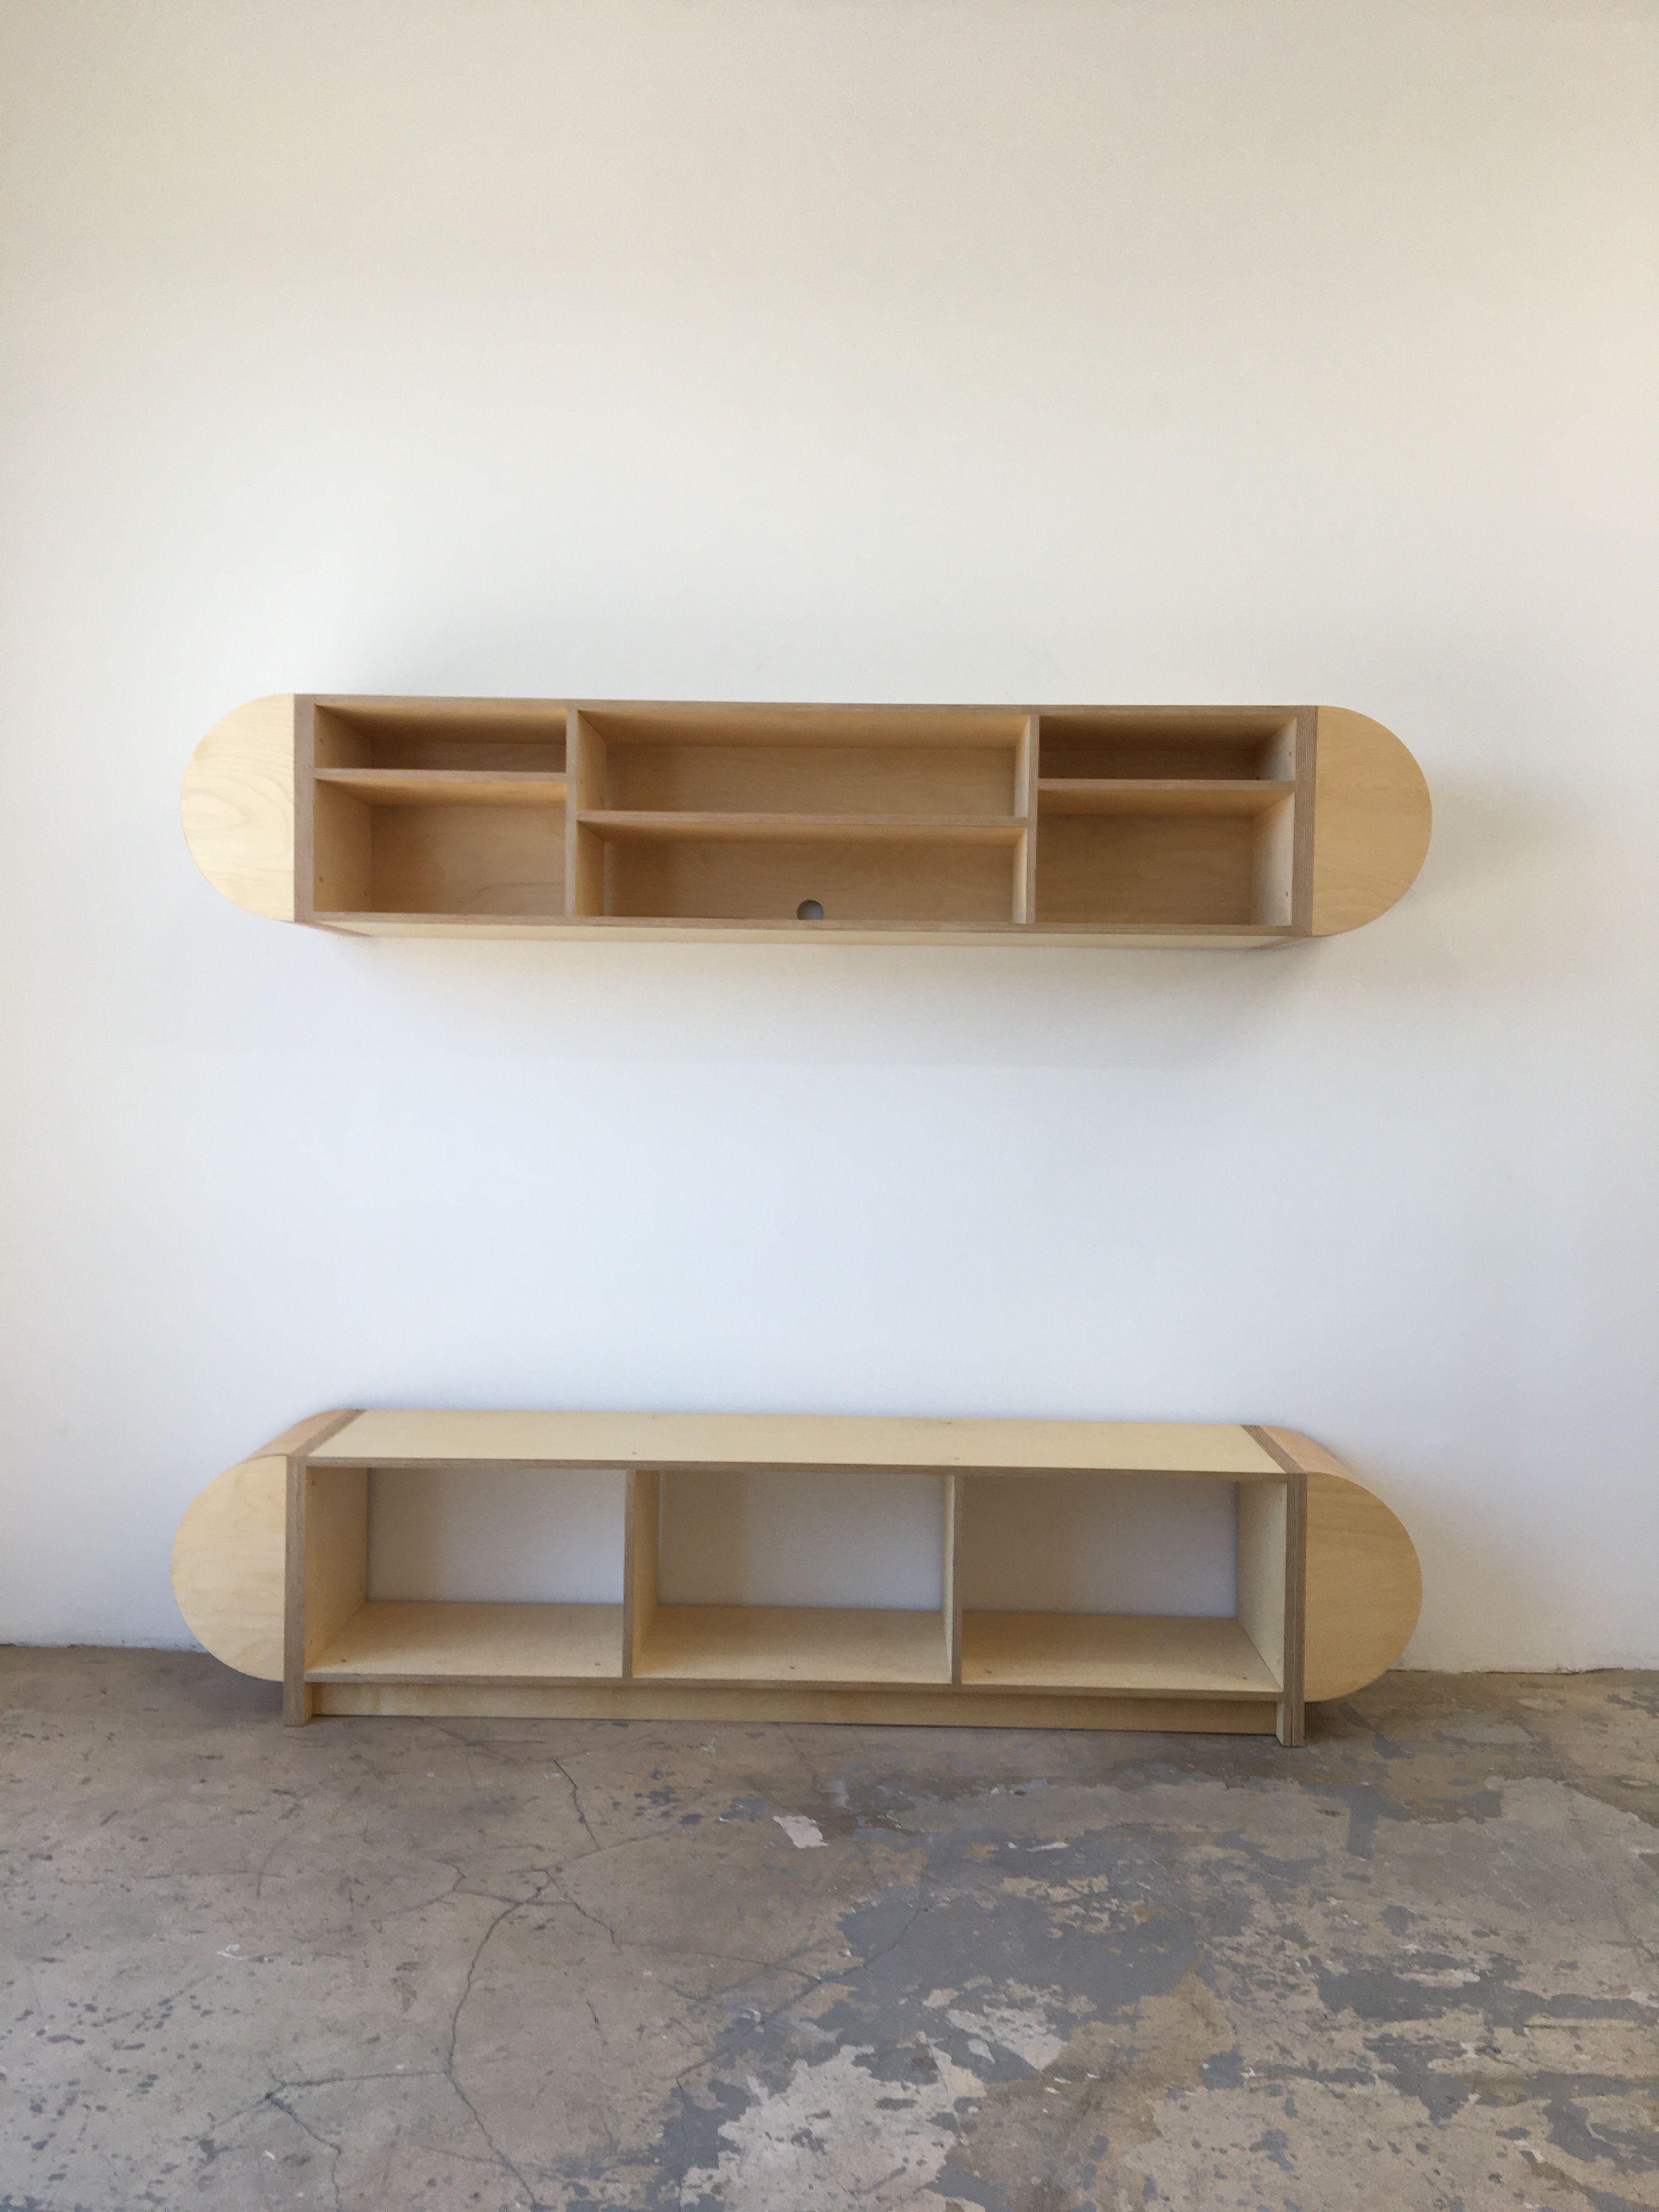 Half Round Storage Unit - Mouthwash Studio product image 0